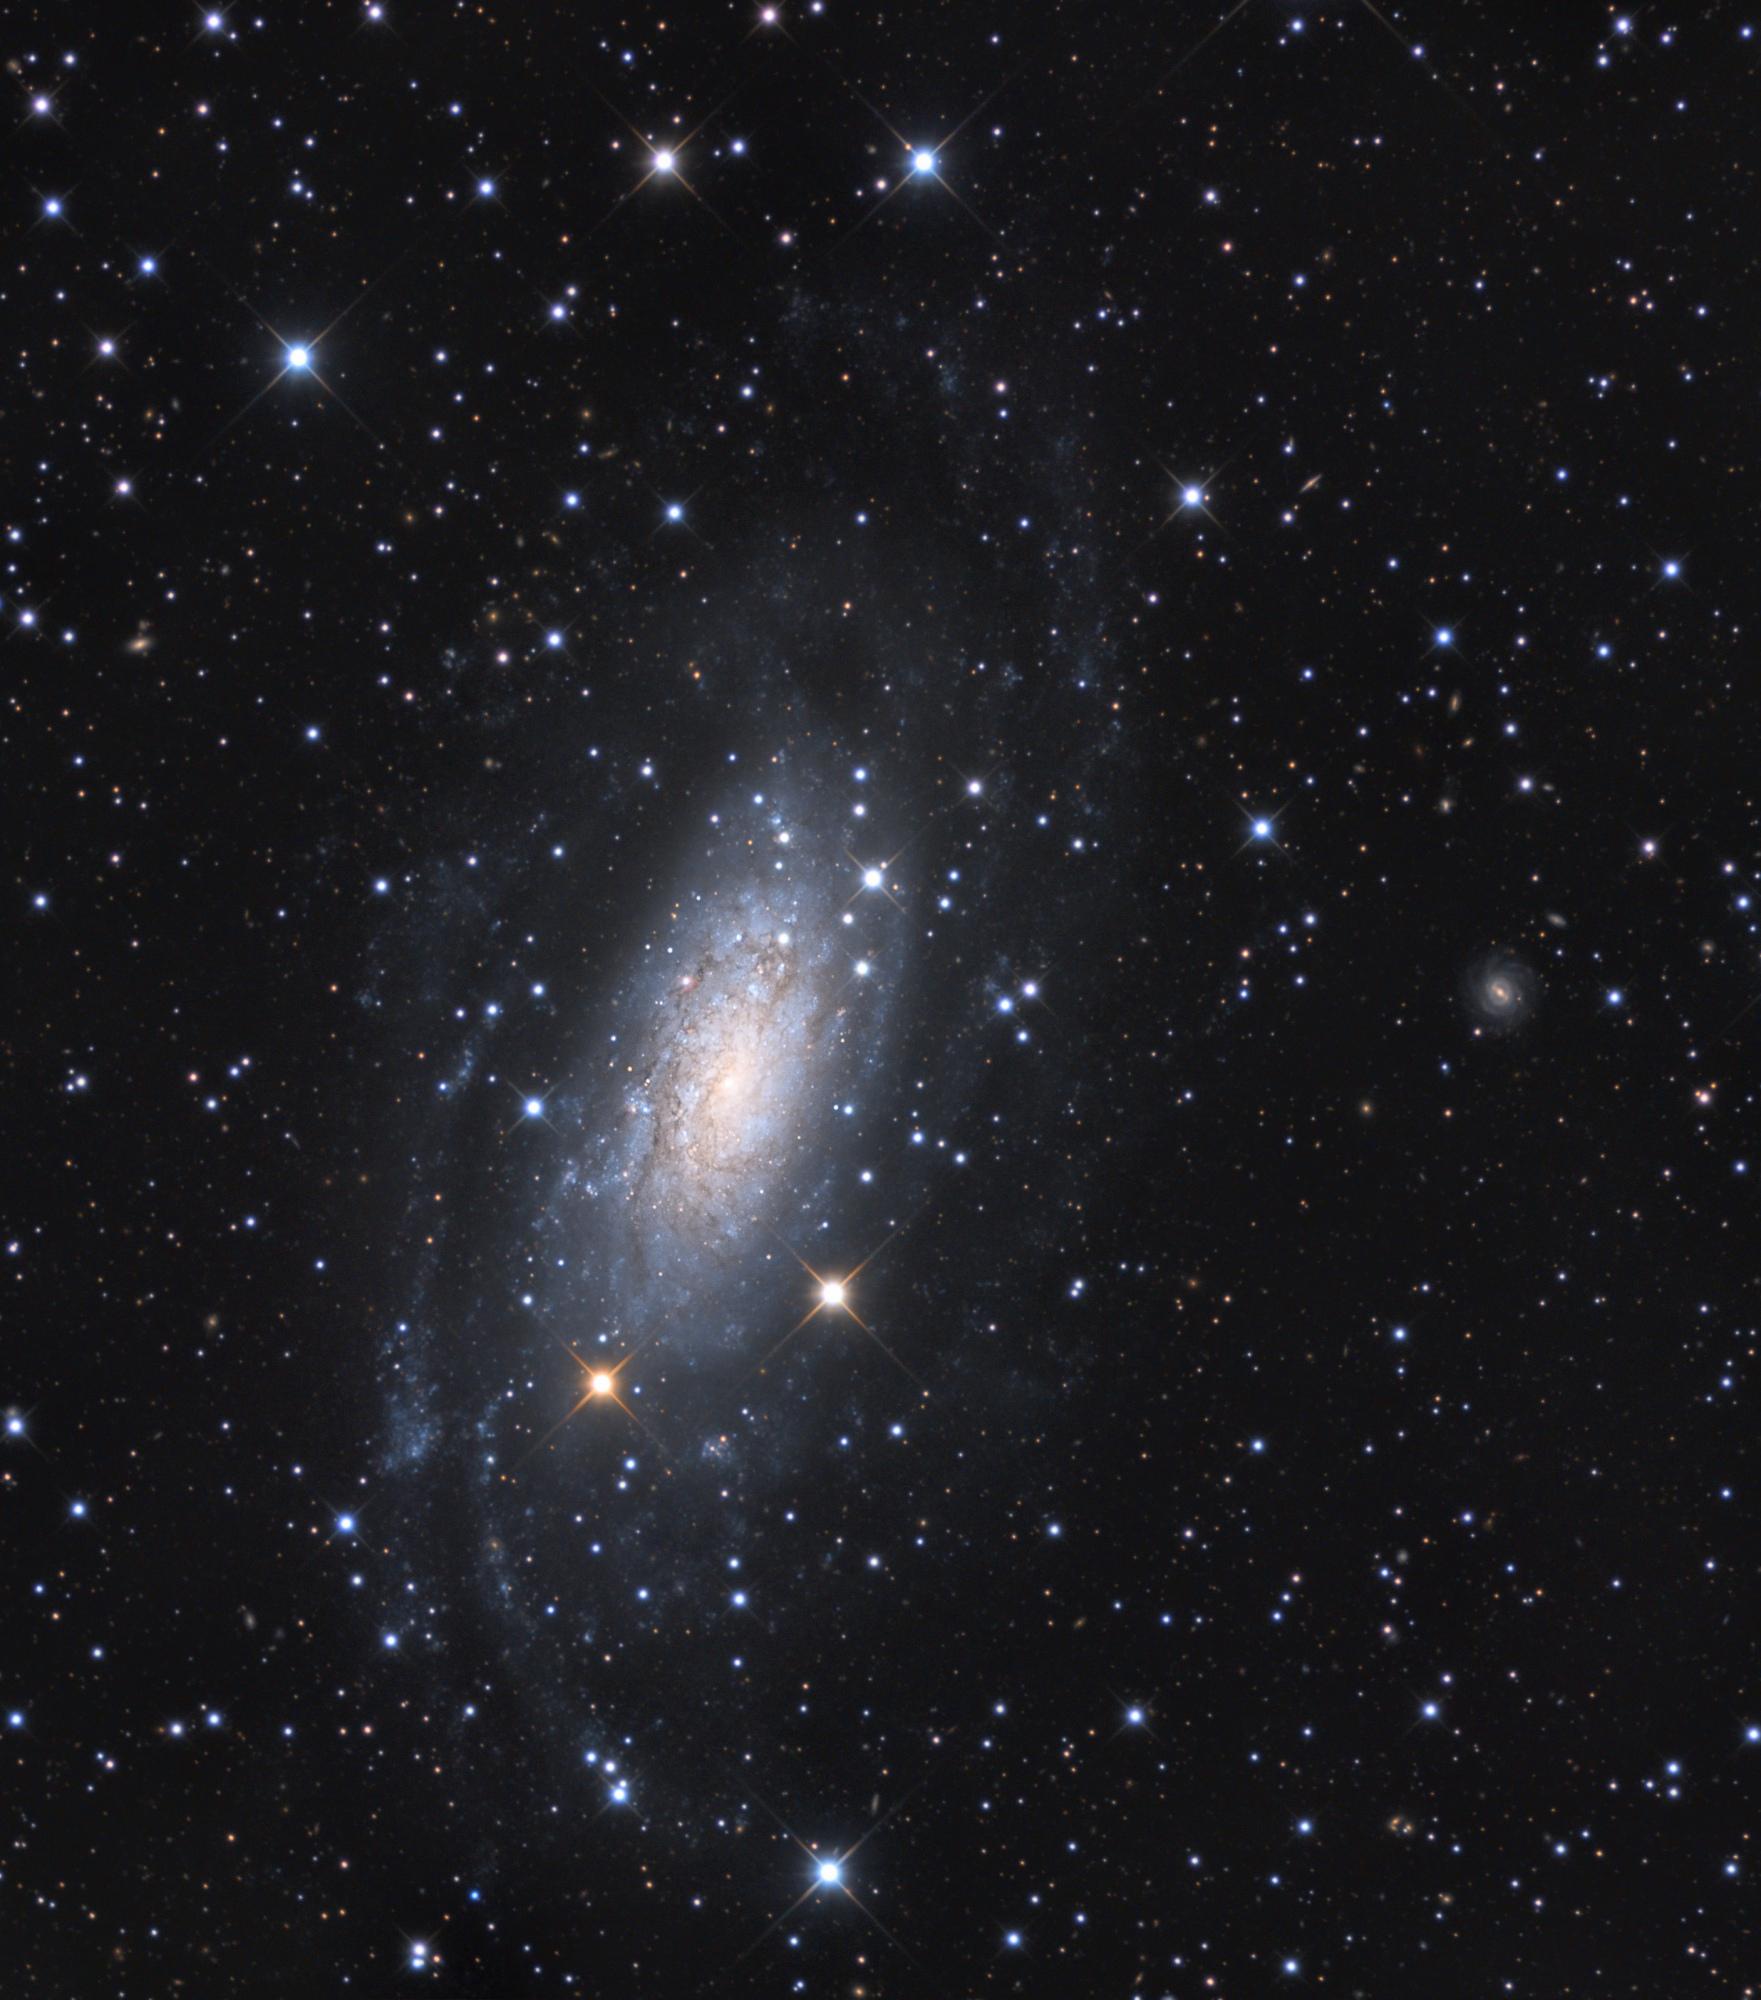 NGC3621LRVB-V24-PSat-PClair-Publi.thumb.jpg.5ad8e17e9f15062b53c78ce2921553ea.jpg